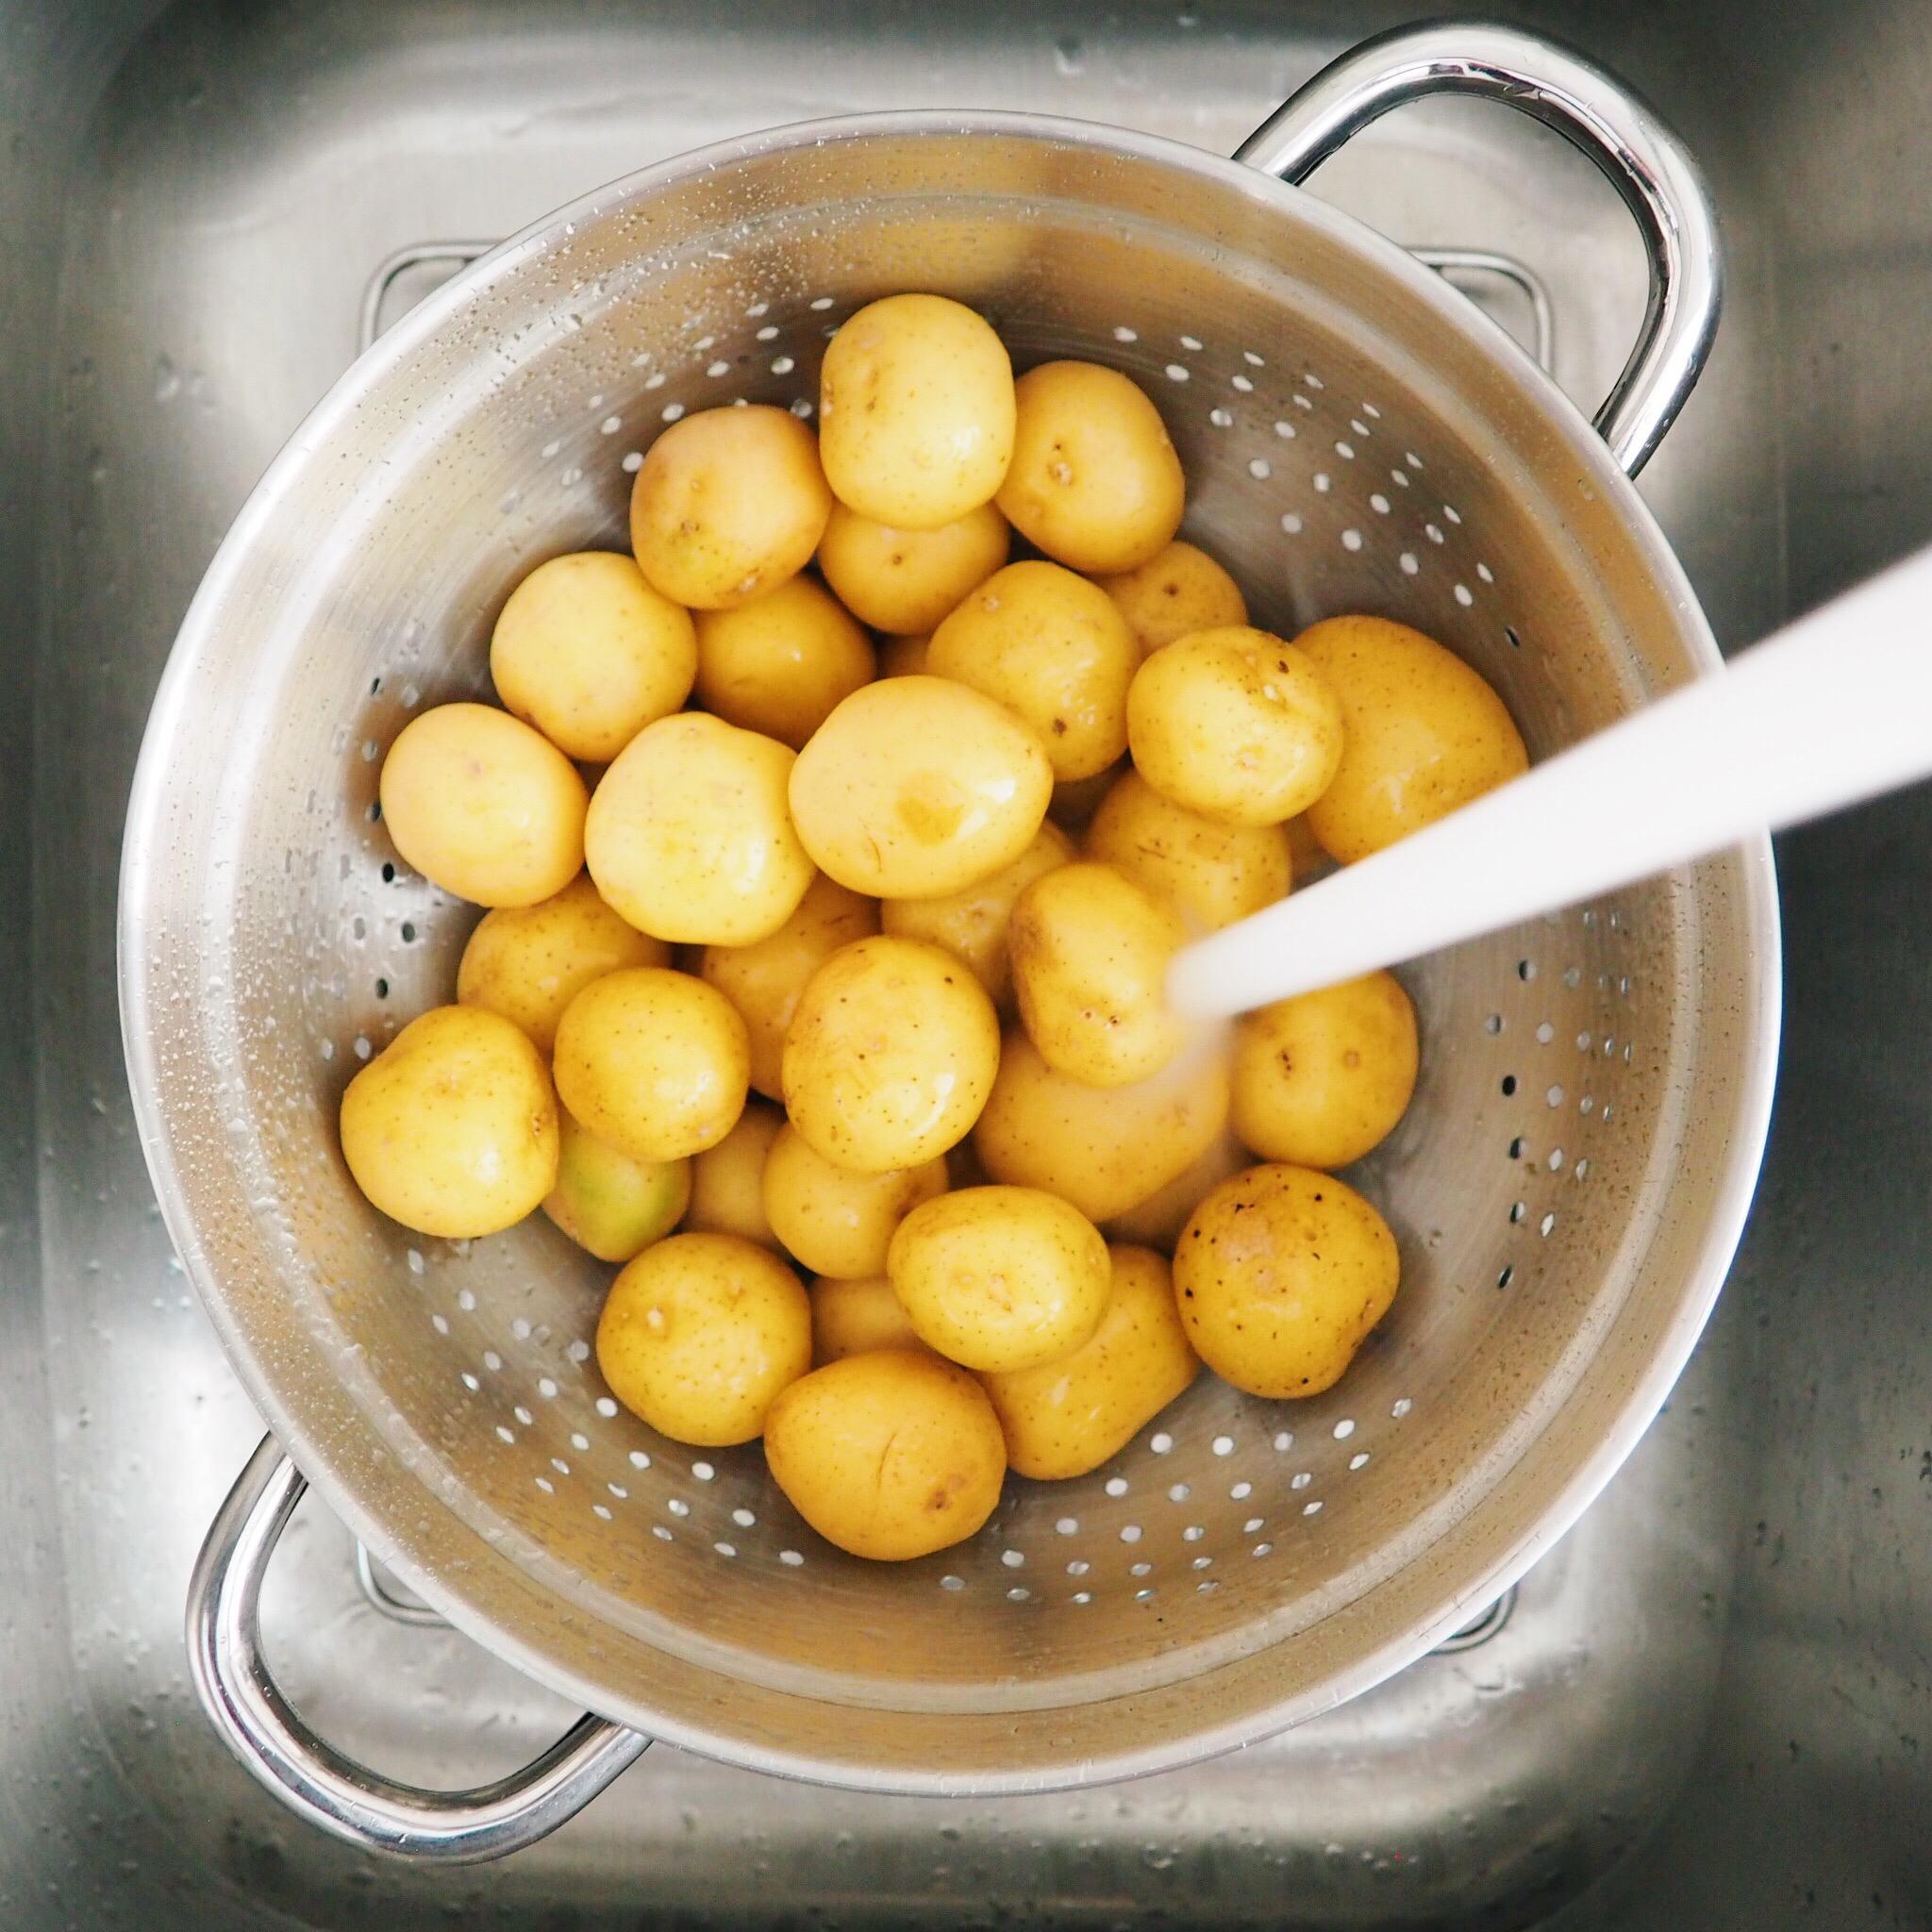 wash baby potatoes